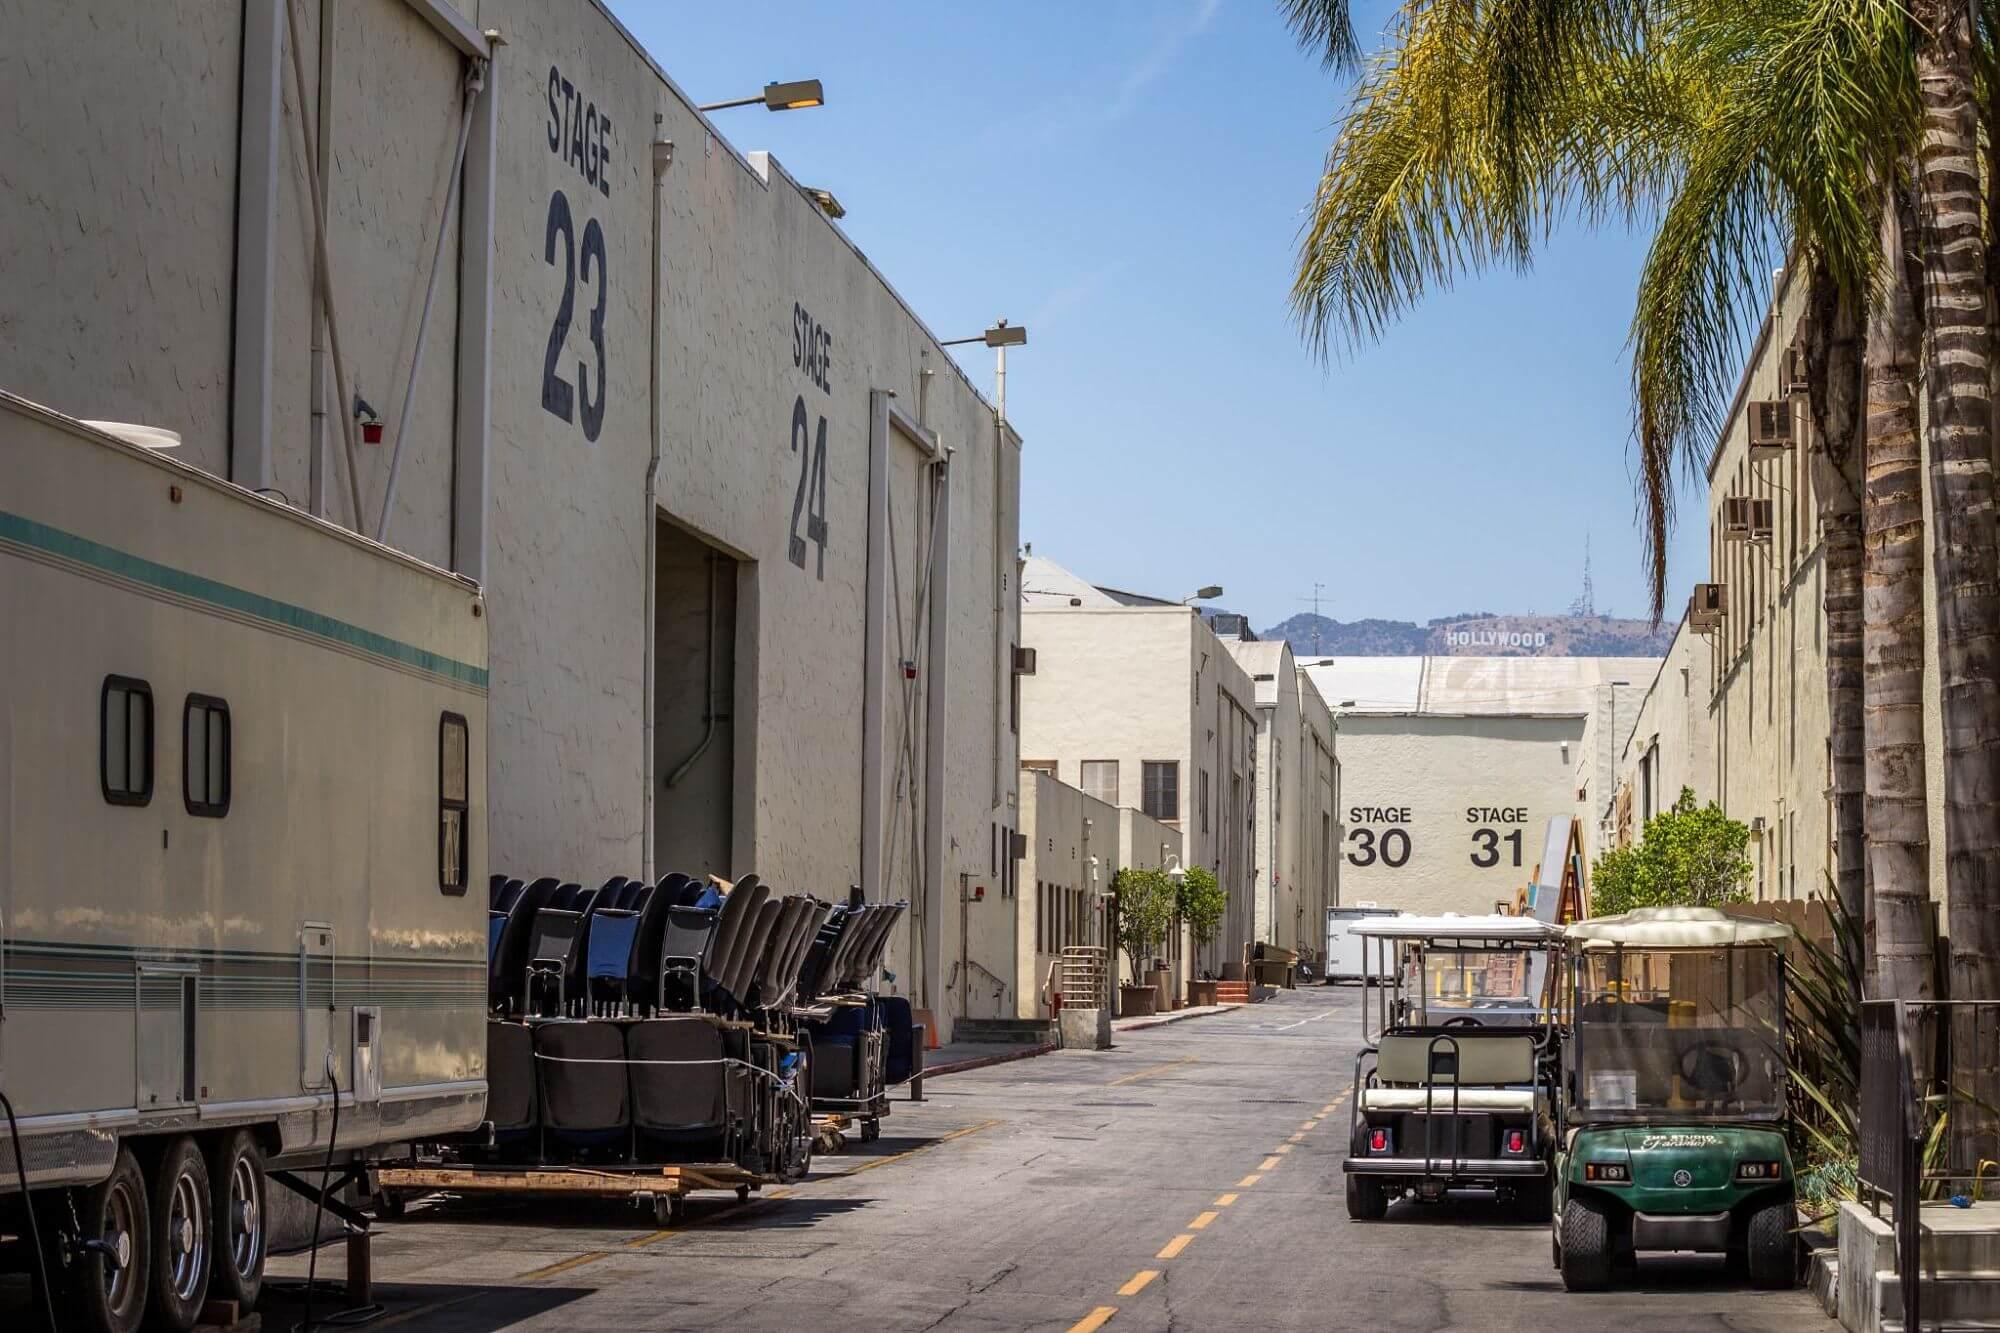 Backlot at Paramount Studios